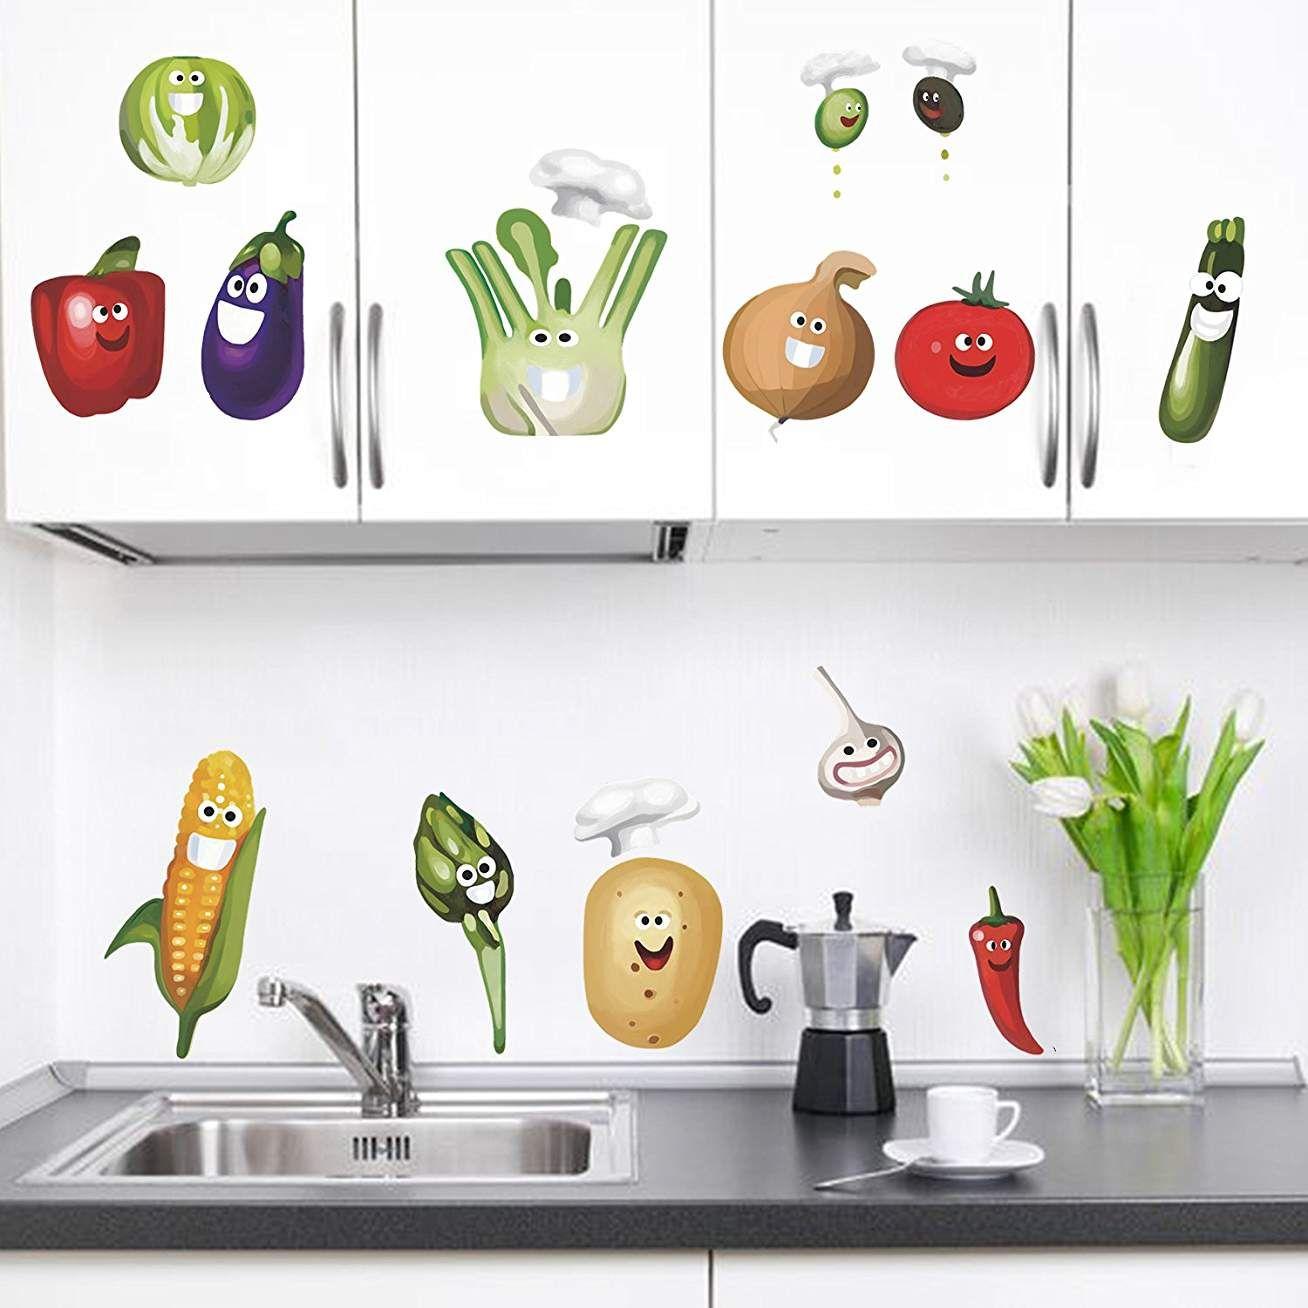 decalmile L/égumes Cuisine Stickers Muraux Dr/ôles Ma/ïs Chili Fruits Amovible Vinyle Stickers Muraux pour Cuisine Salle /À Manger